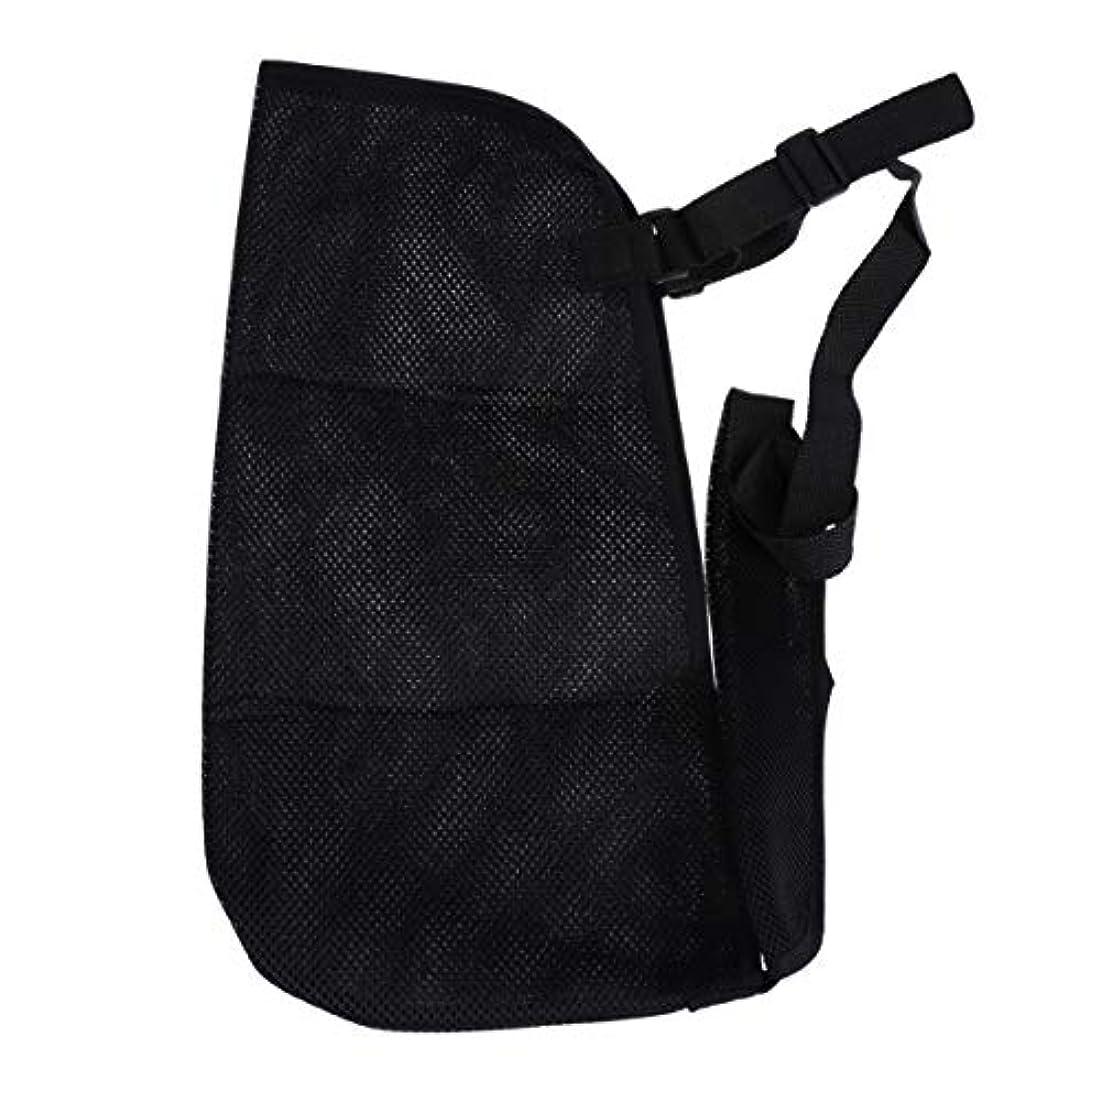 マルコポーロ粘性のボイコットHealifty アームスリング通気性メッシュ骨折バンド肩イモビライザー(黒)